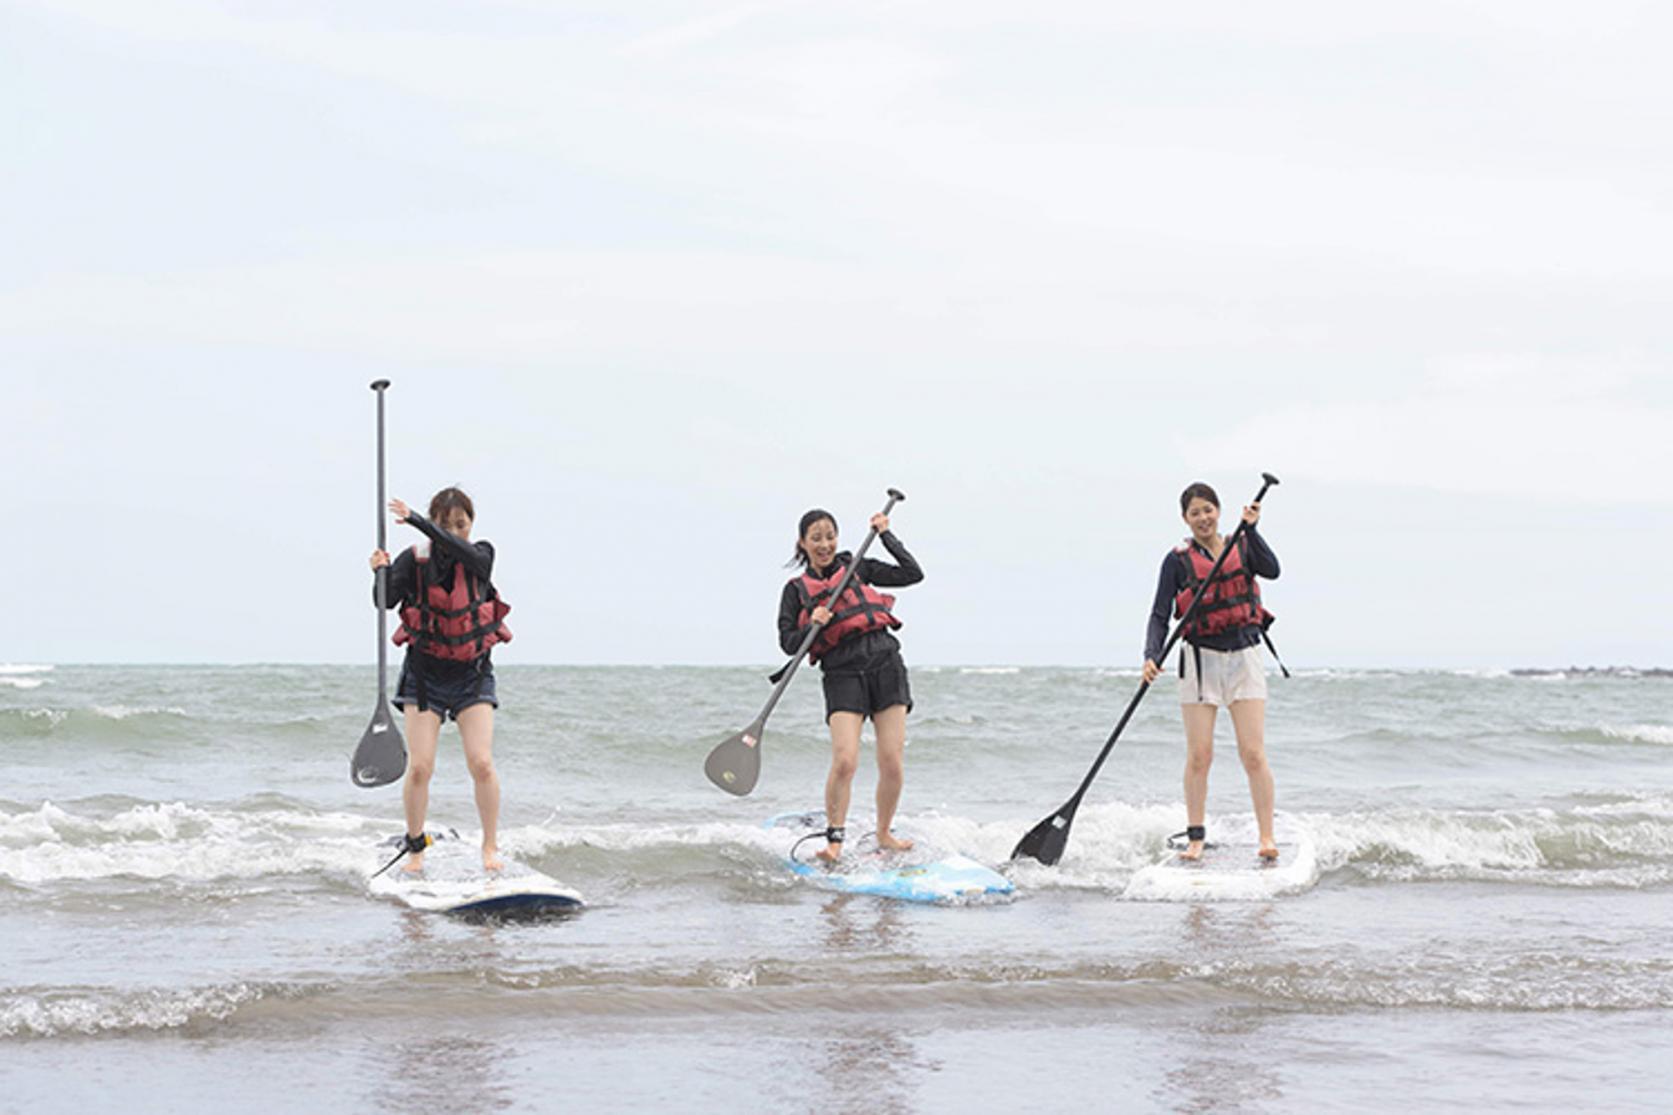 渚のマリンスポーツ3種体験-1